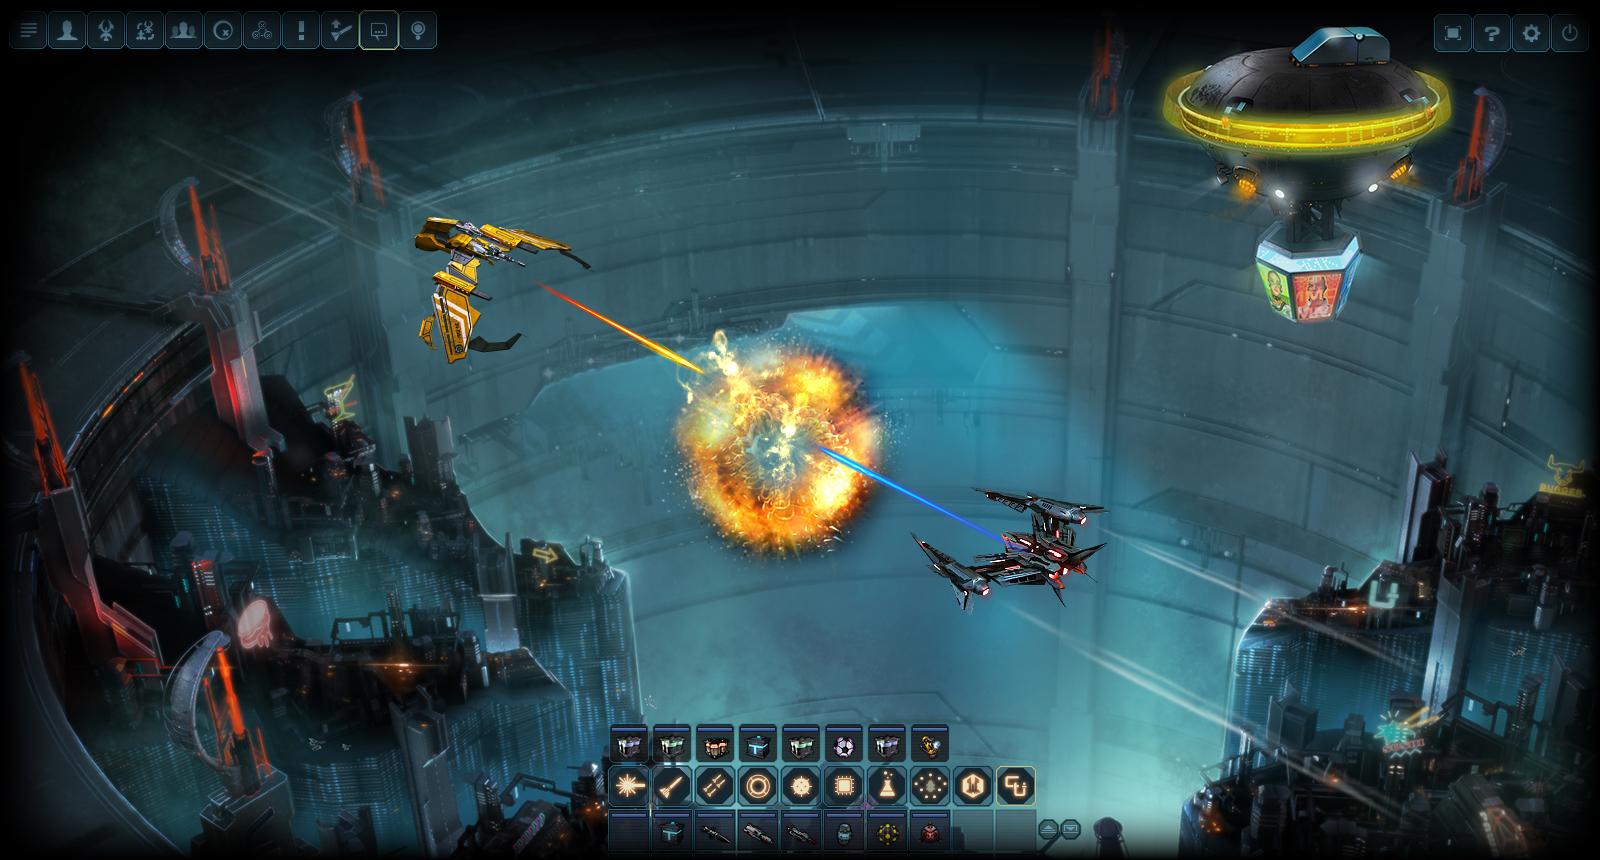 Скриншот из игры DarkOrbit: Reloaded